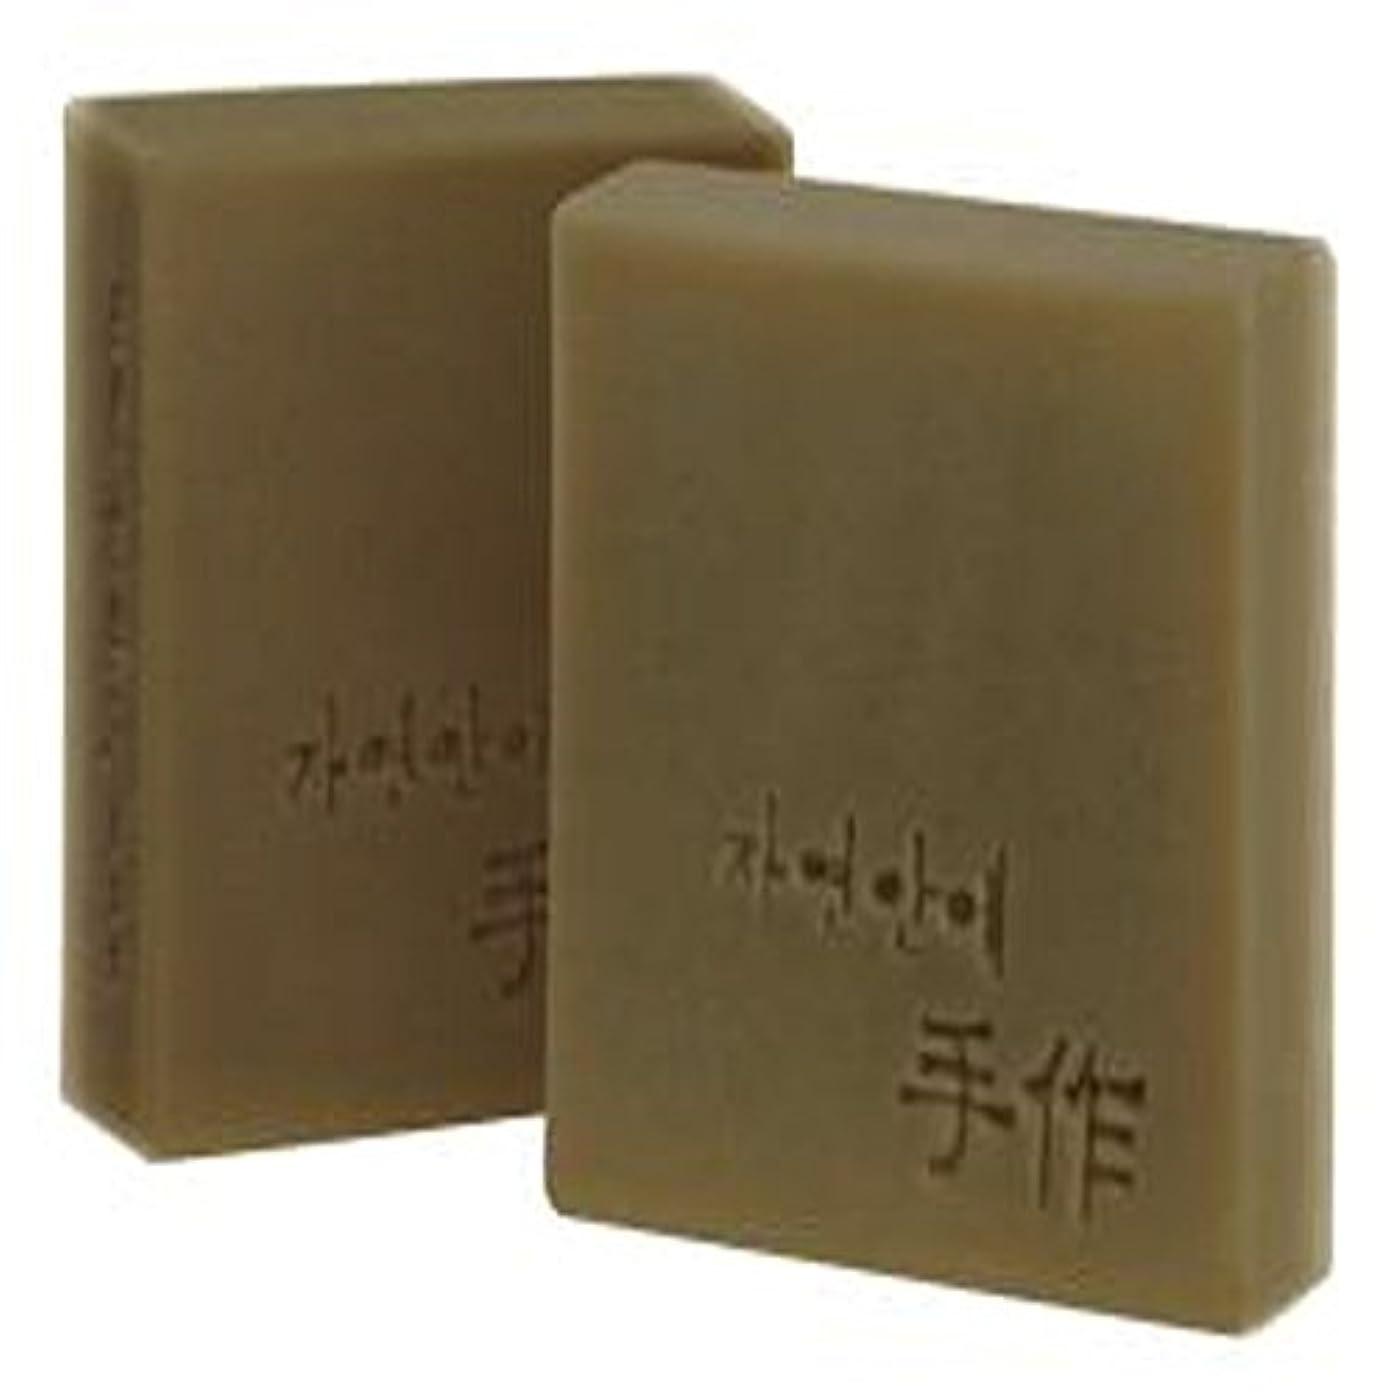 上昇ブル激しいNatural organic 有機天然ソープ 固形 無添加 洗顔せっけんクレンジング 石鹸 [並行輸入品] (カボチャ)